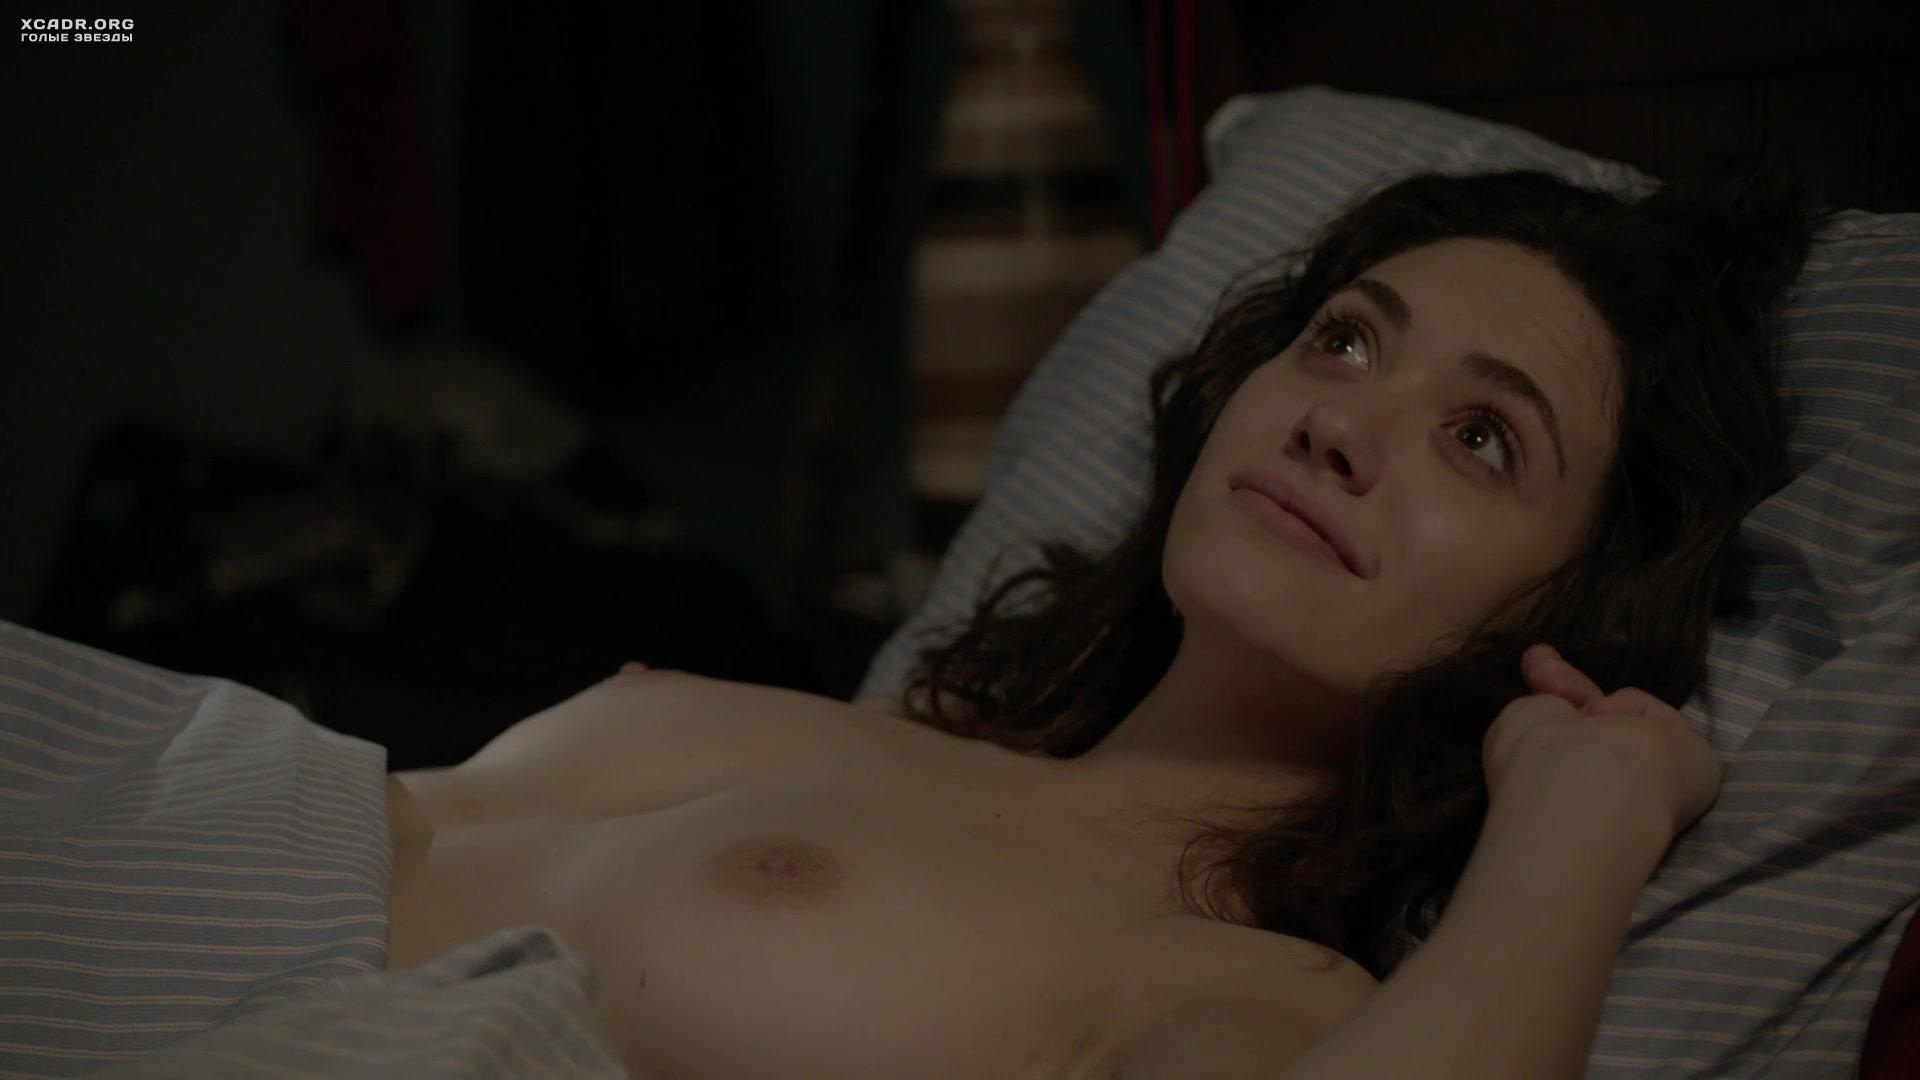 fiona-gallagher-nude-gay-porno